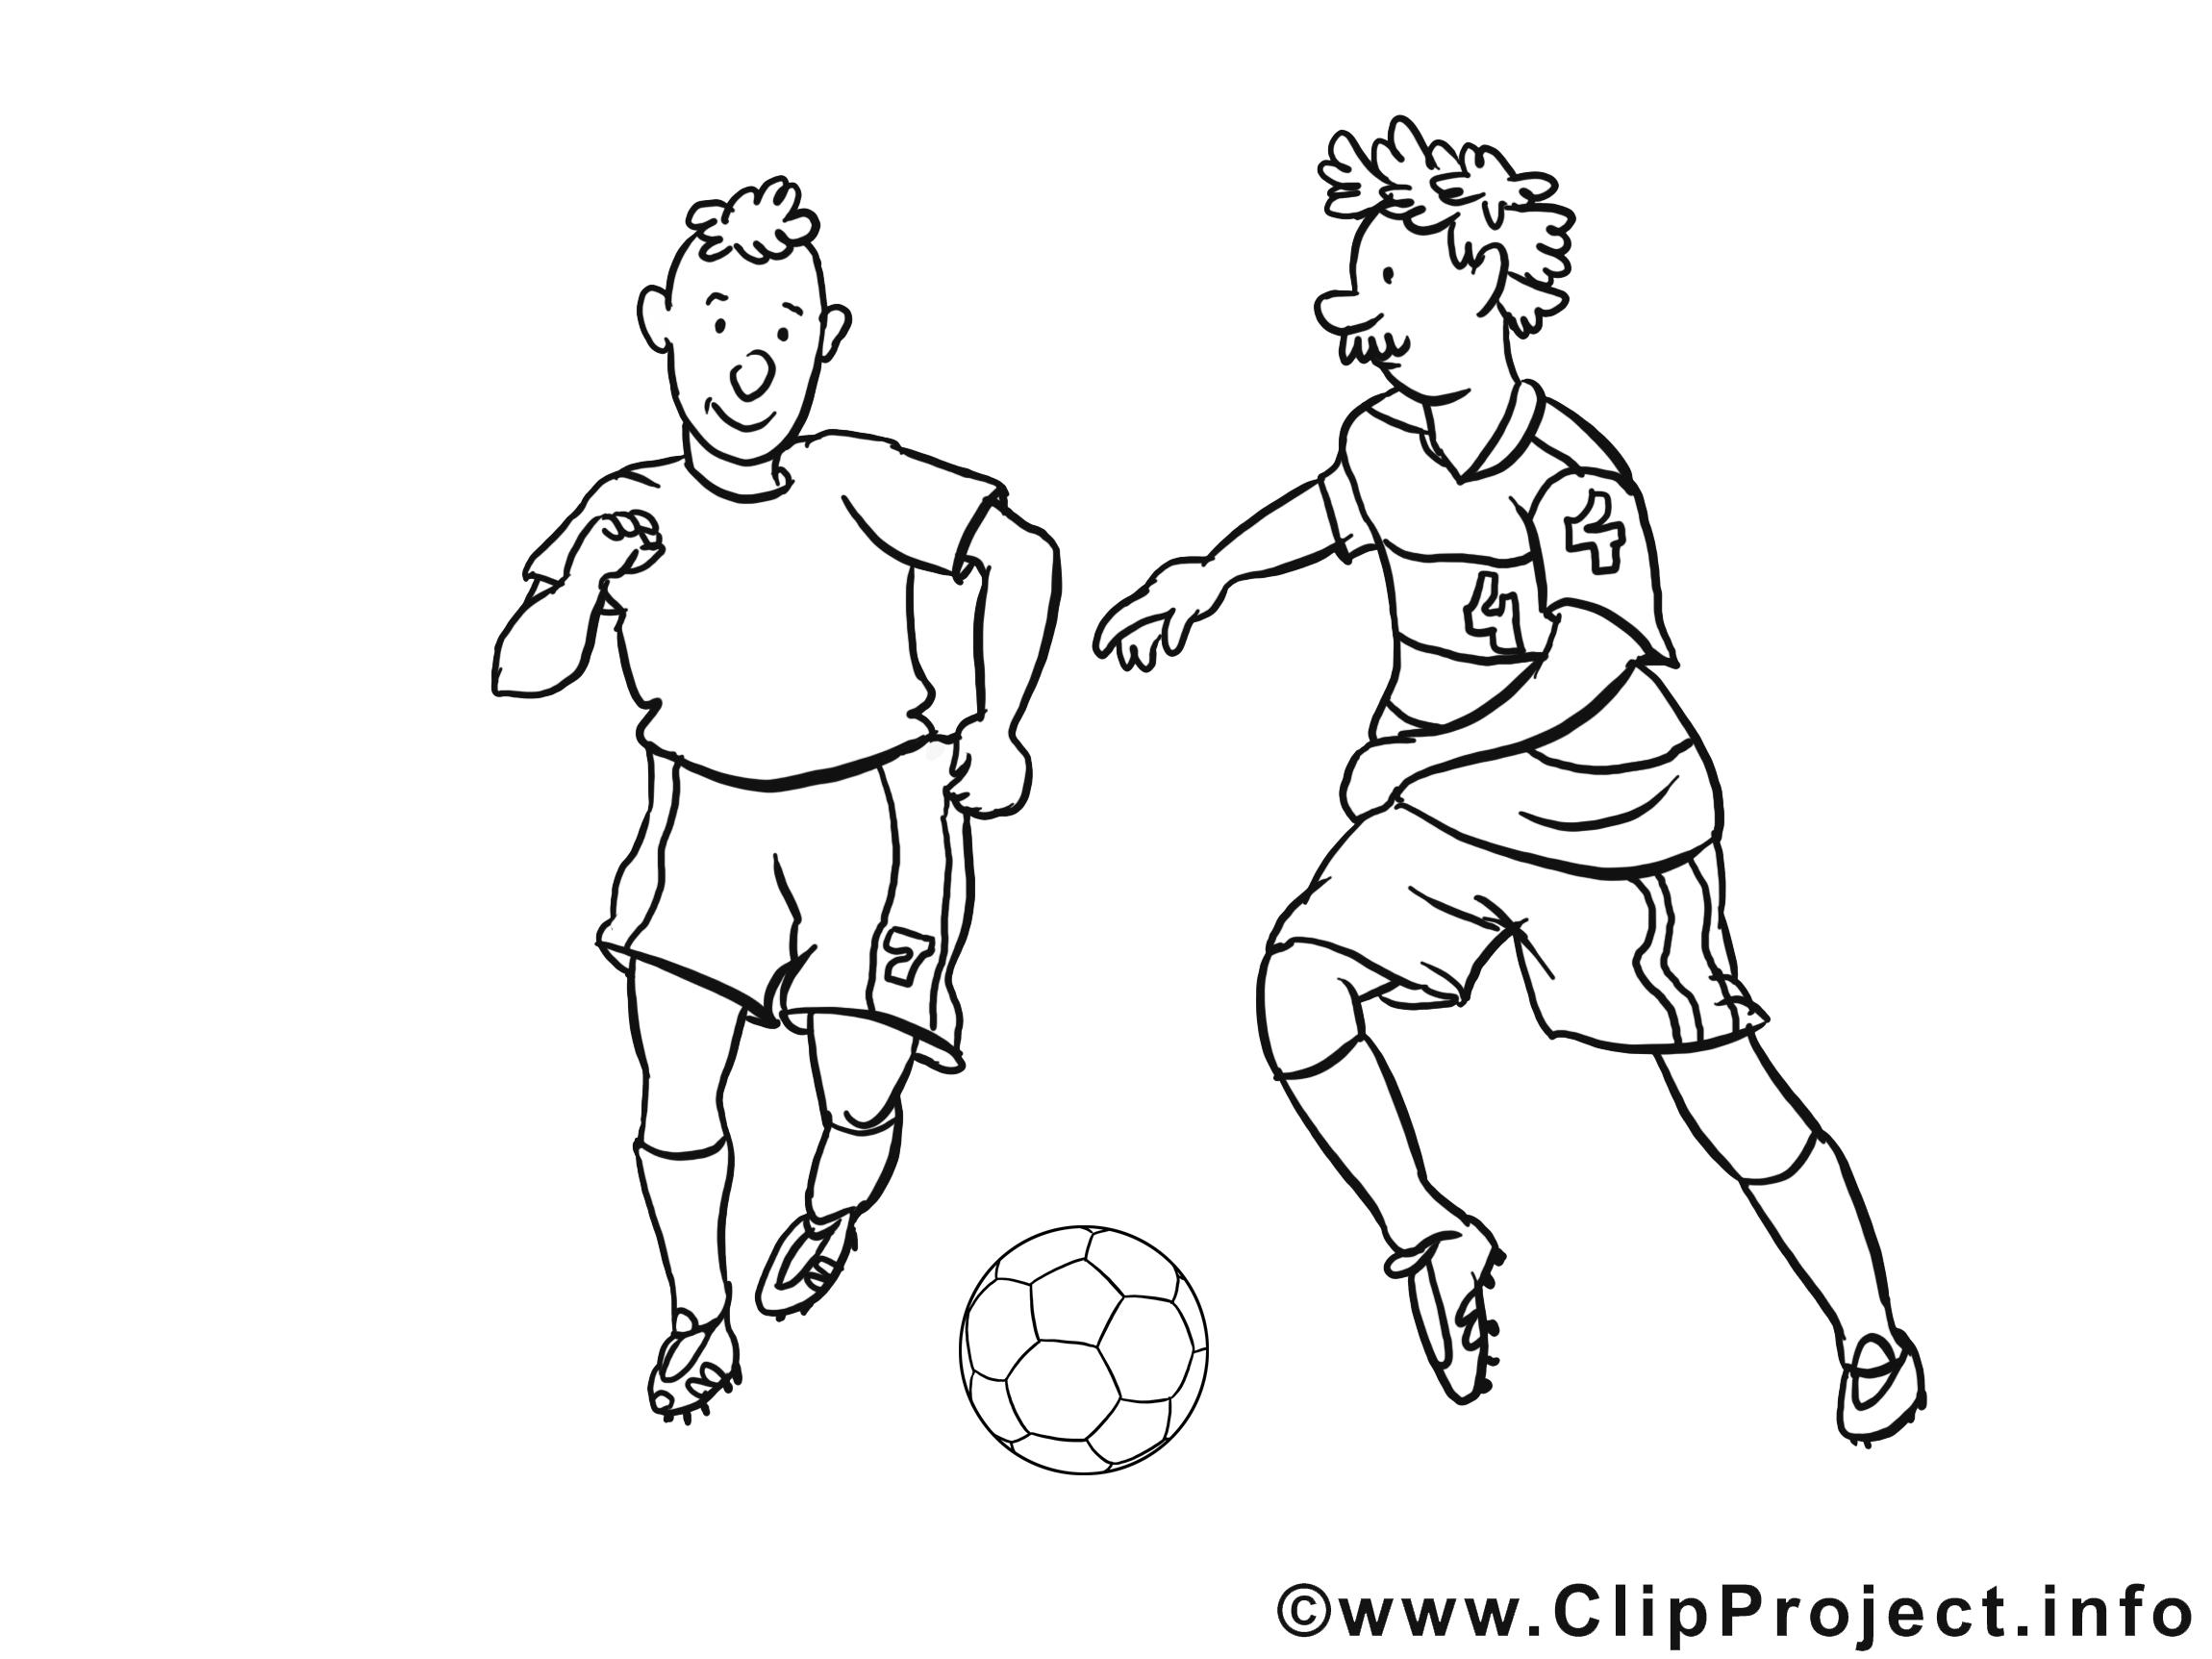 Bilder Zum Ausdrucken Zum Thema Fussball verwandt mit Fußball Bilder Zum Ausdrucken